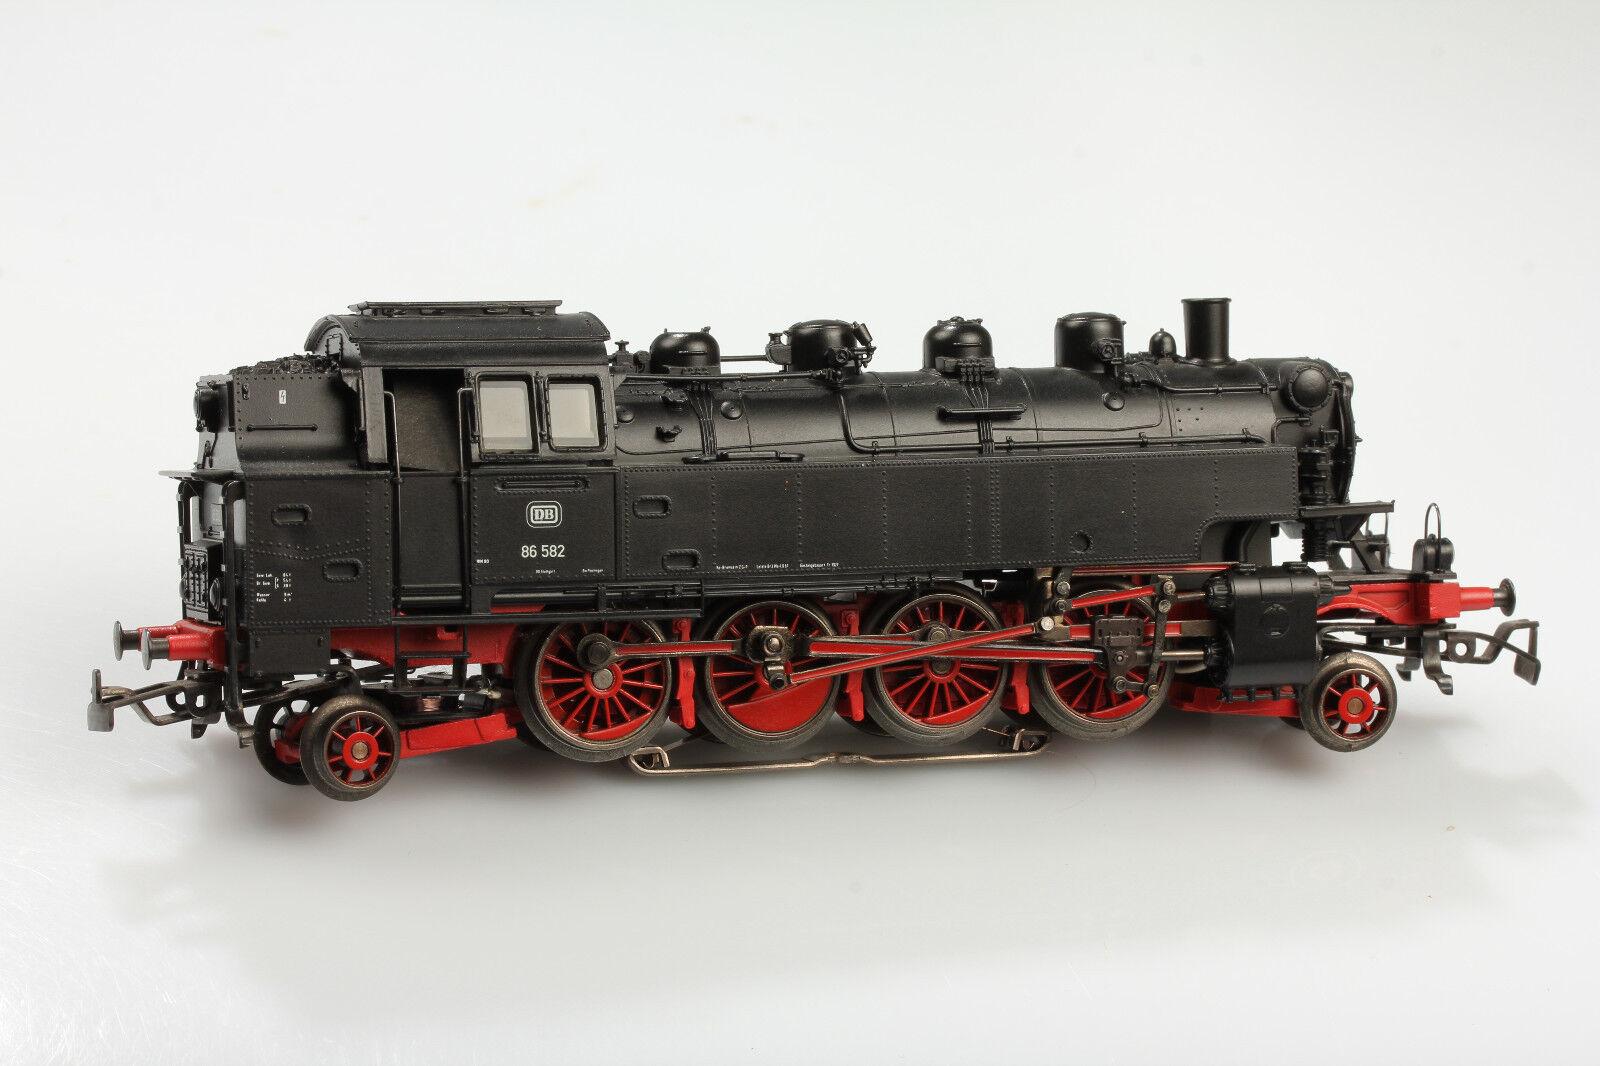 H0 Märklin Locomotora Vapor Br 86 582 Telex Funciona Sólo Dig 78 Su Vídeo